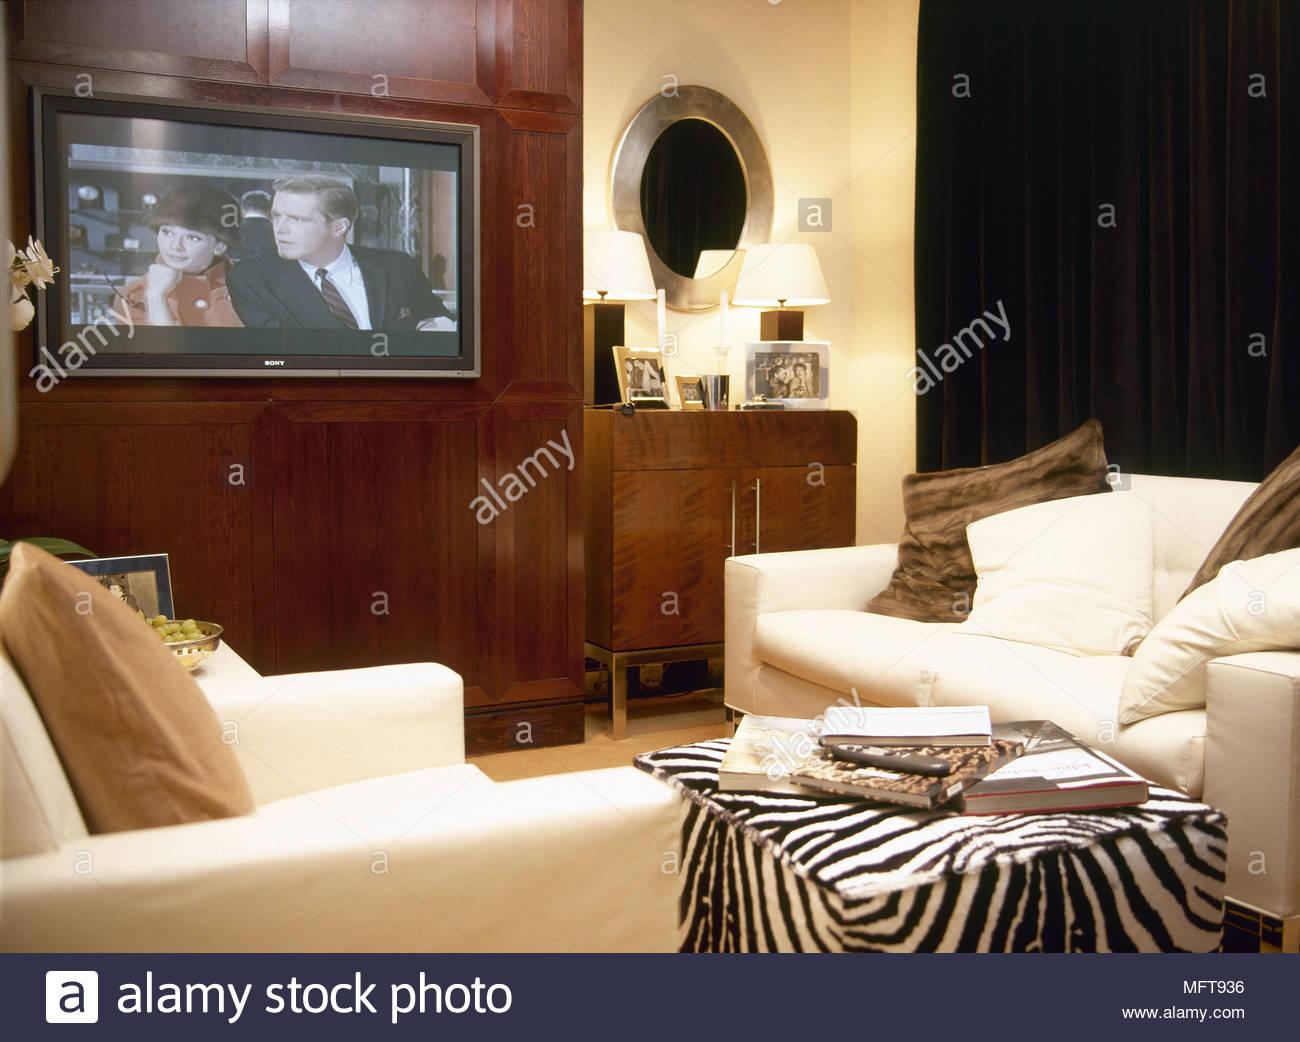 Moderne wohnzimmer detail weiß gepolsterten sofas zebra print